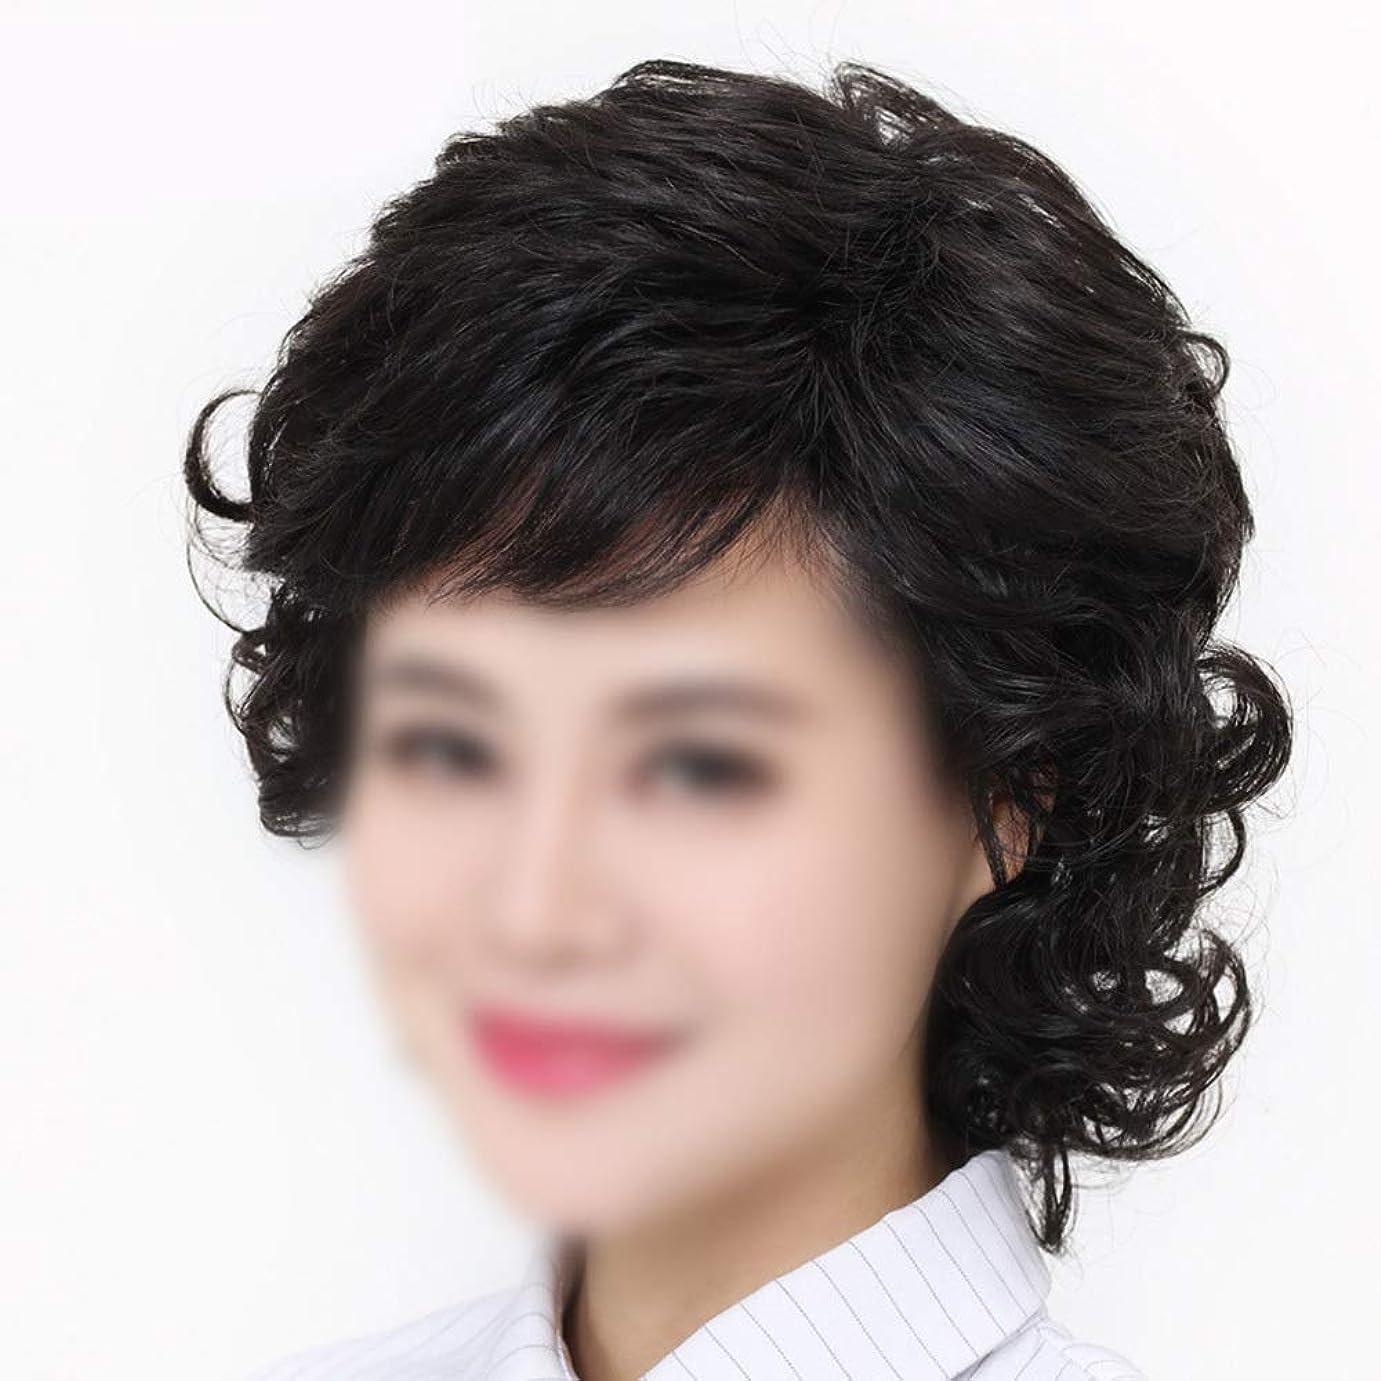 セッション電球スクラップMayalina 女性のための手織りの短い髪のリアルヘアダークブラウンのかつら母の髪のかつら (色 : Natural black, サイズ : Hand-woven)